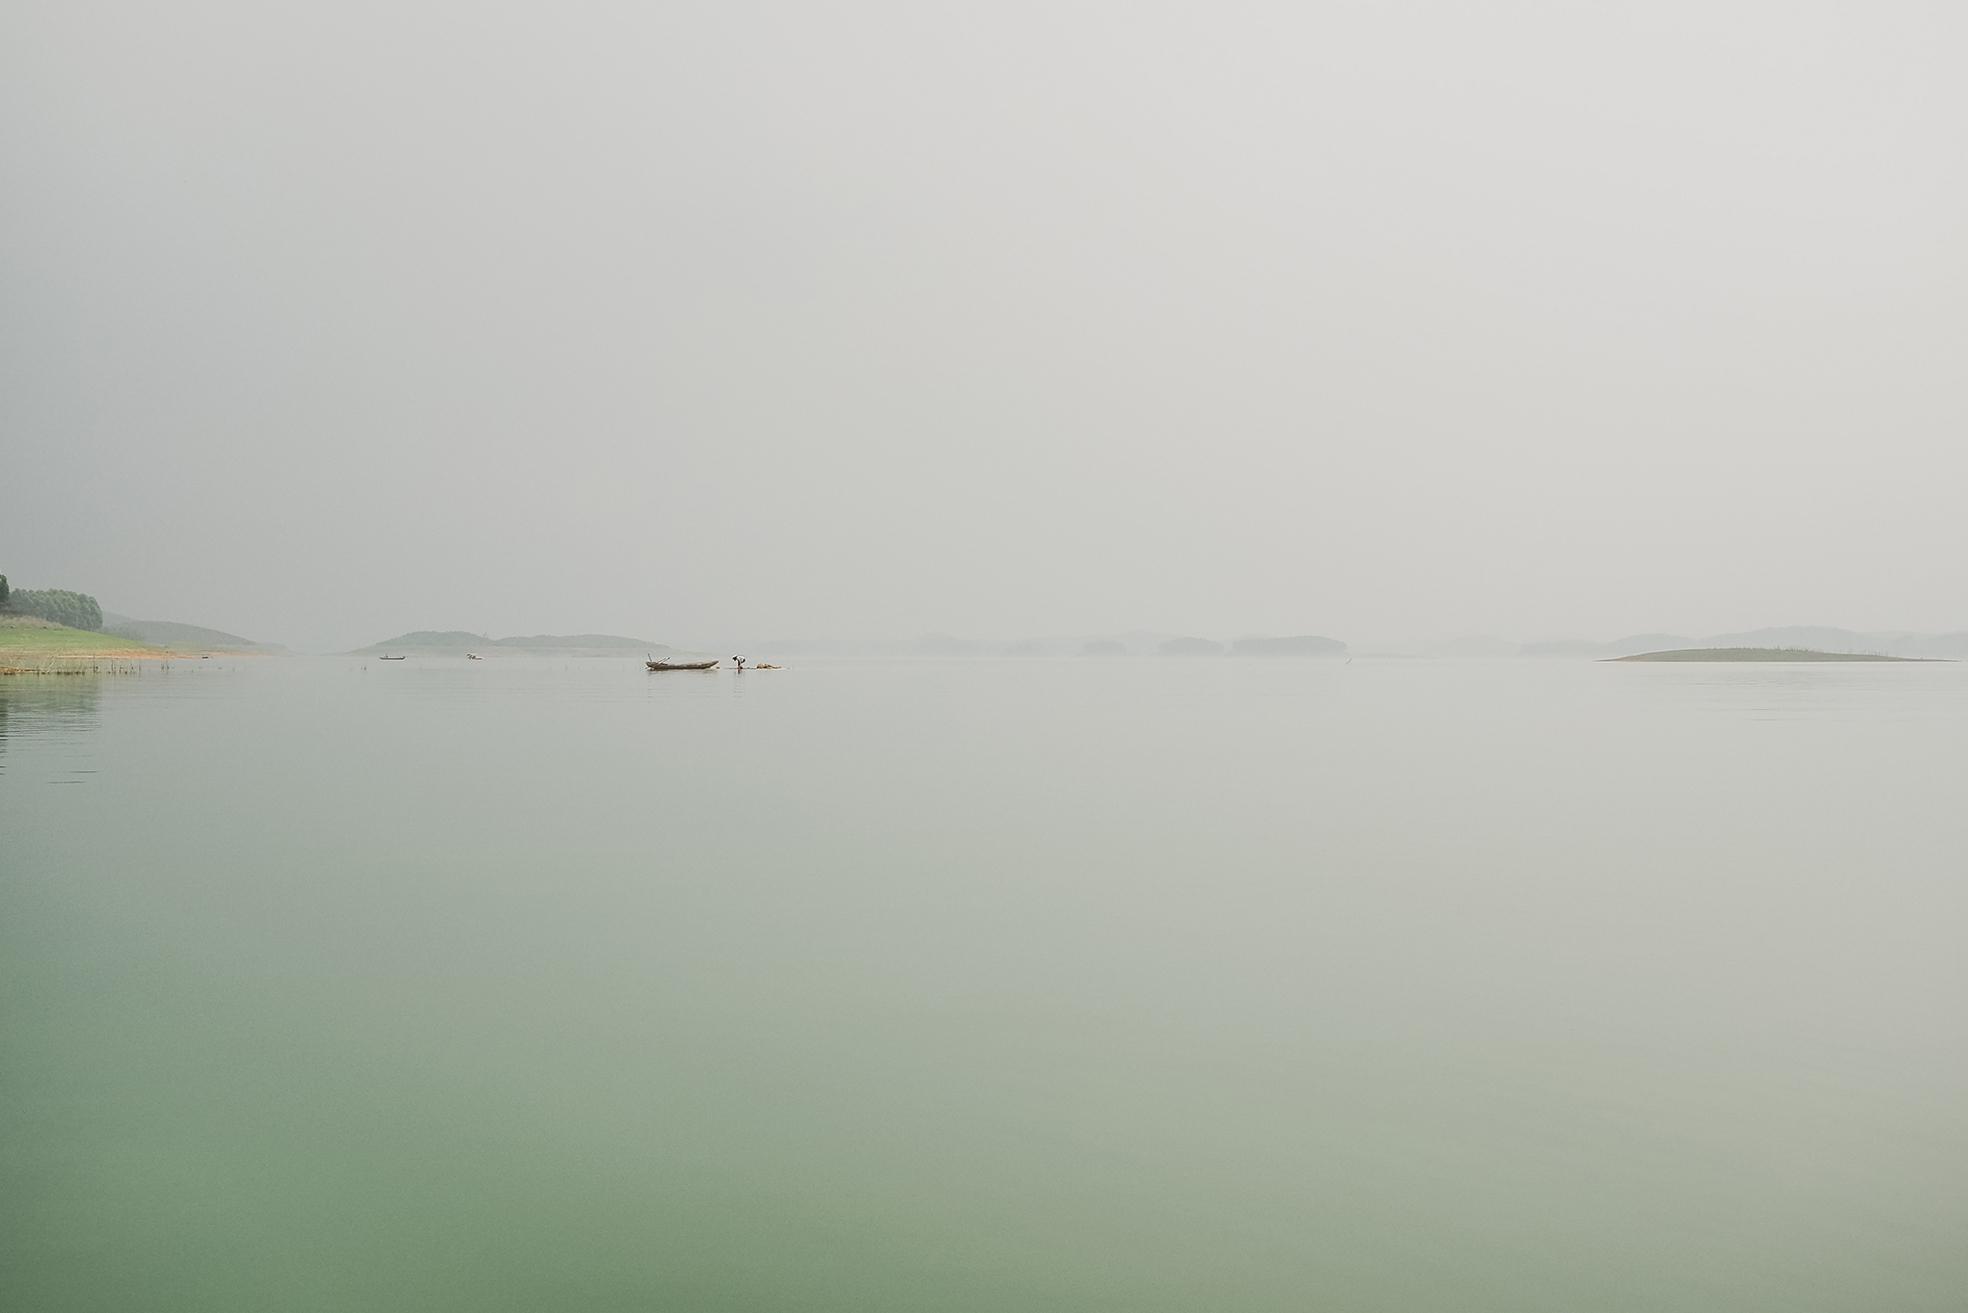 lac de Thac ba au vietnam le plus beau lac de l'asie